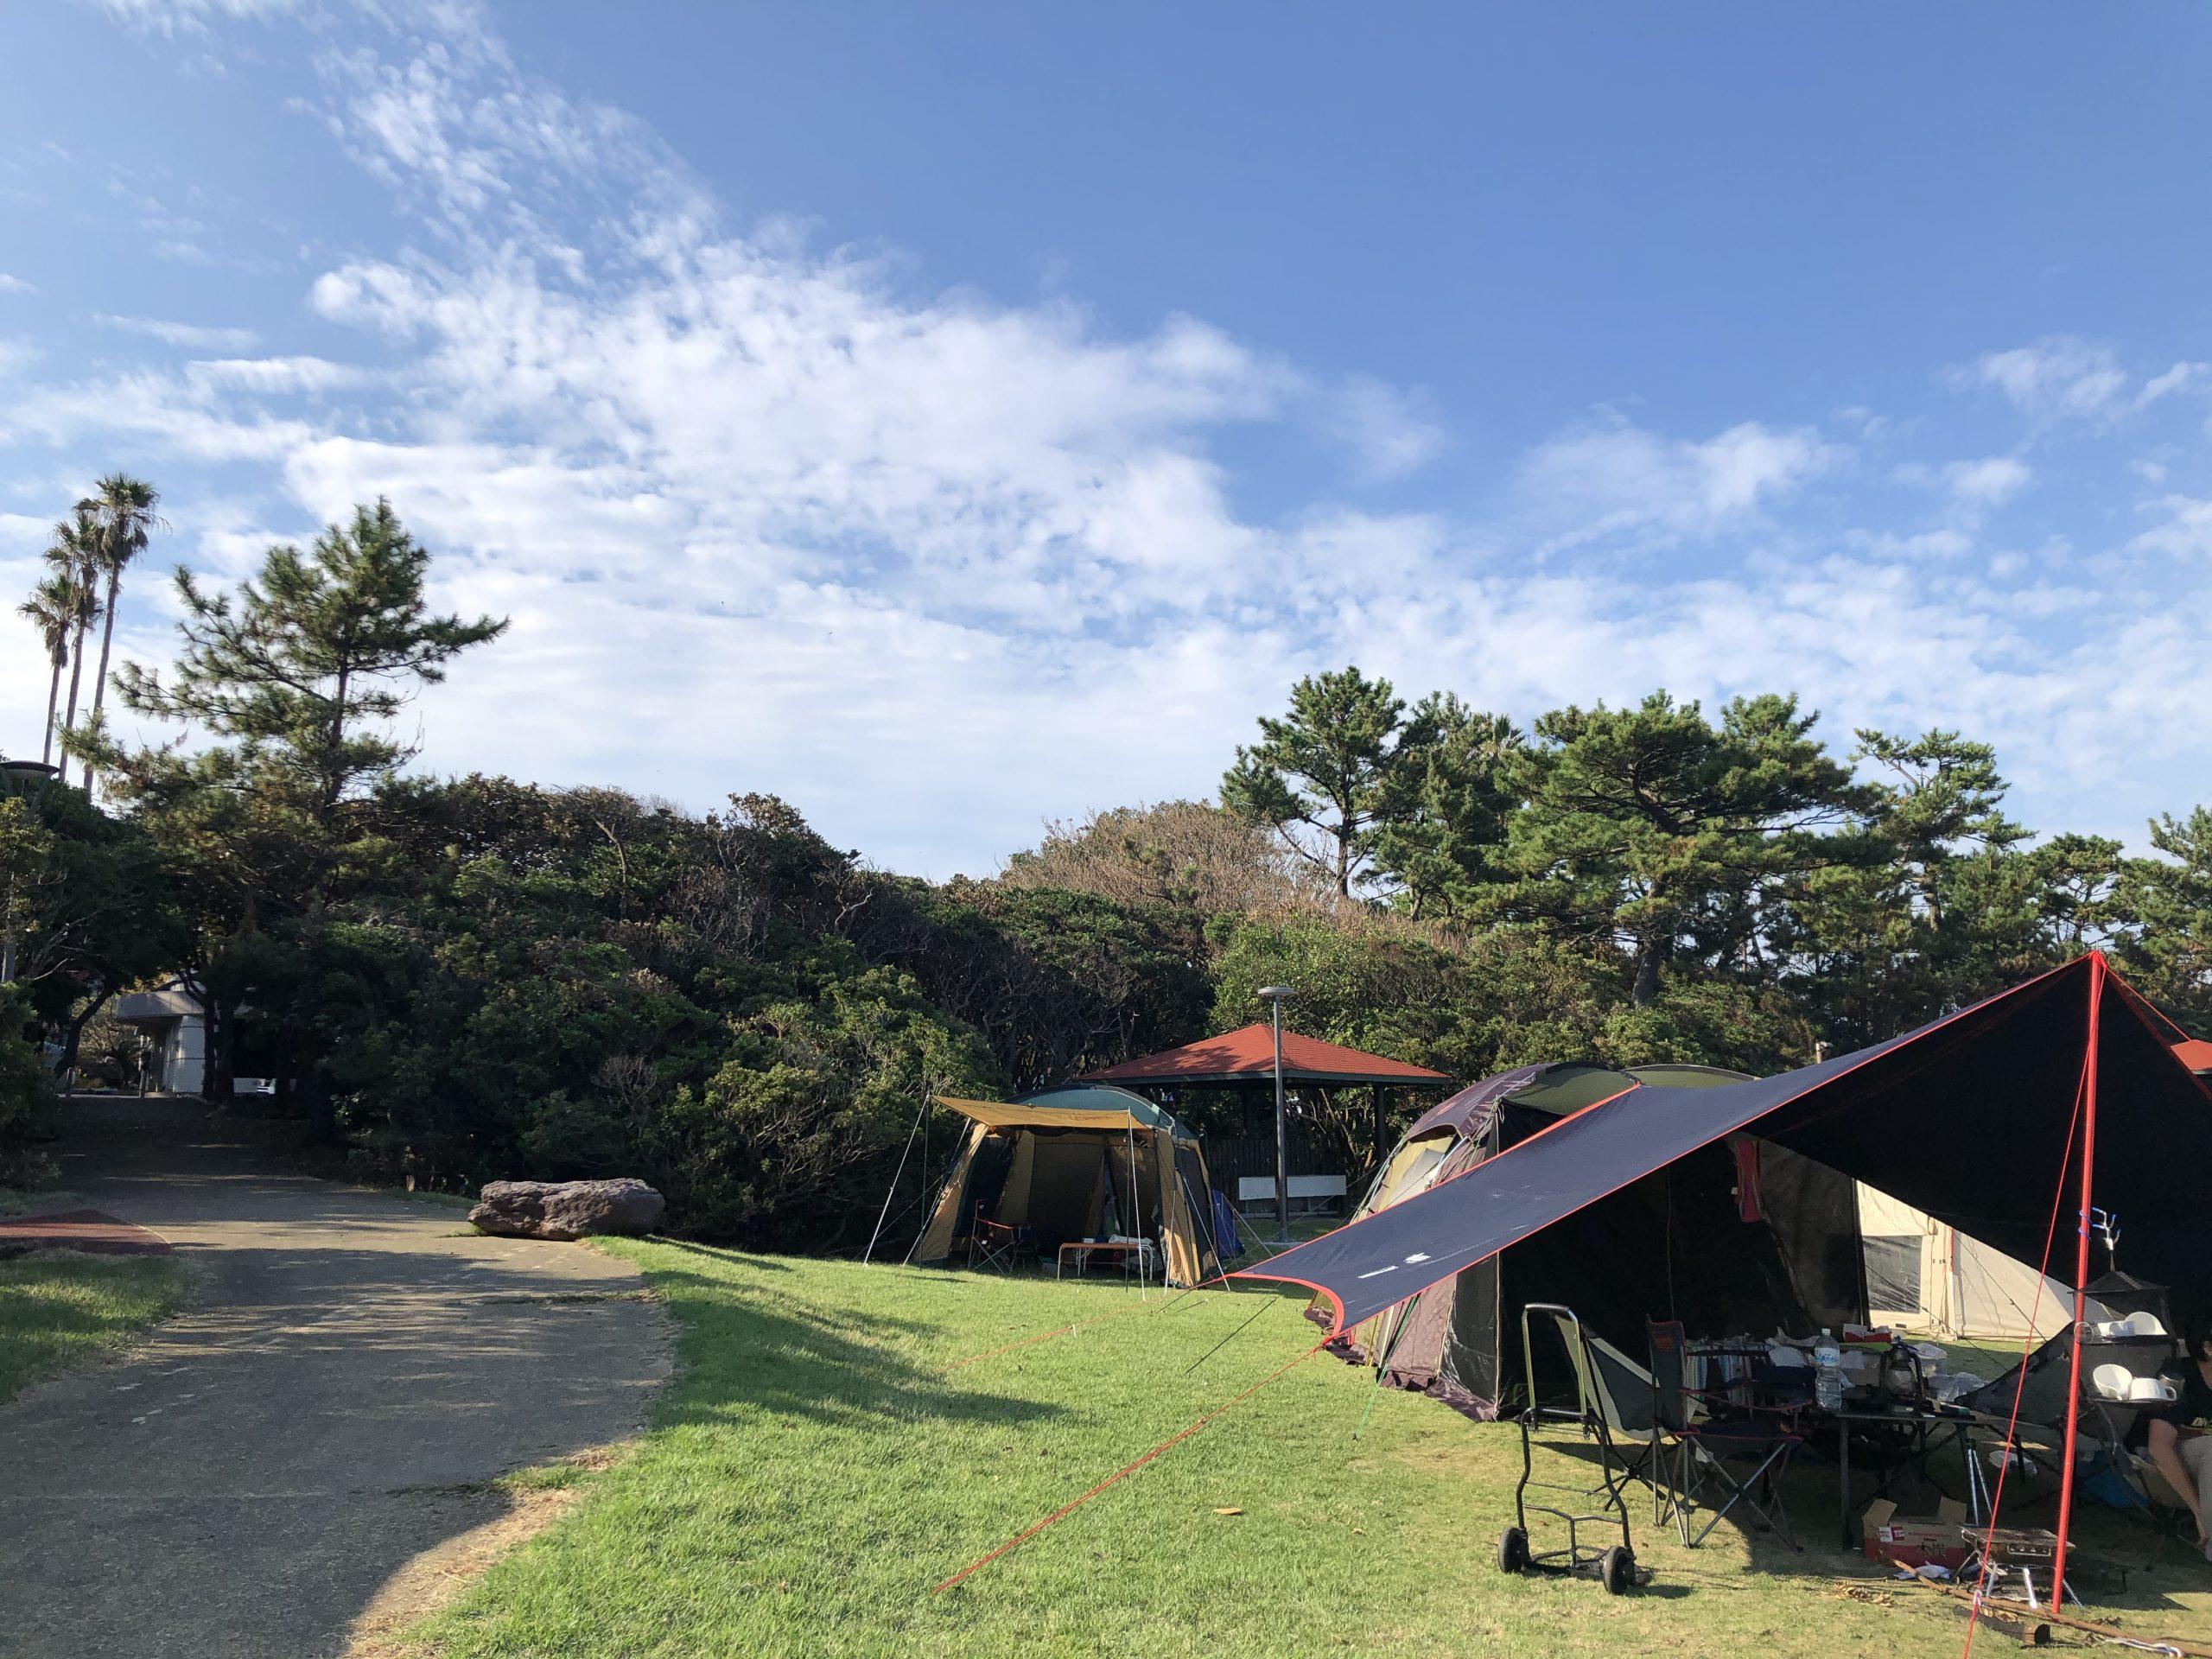 火之神公園キャンプ場 ー南薩地区ー  イメージ画像